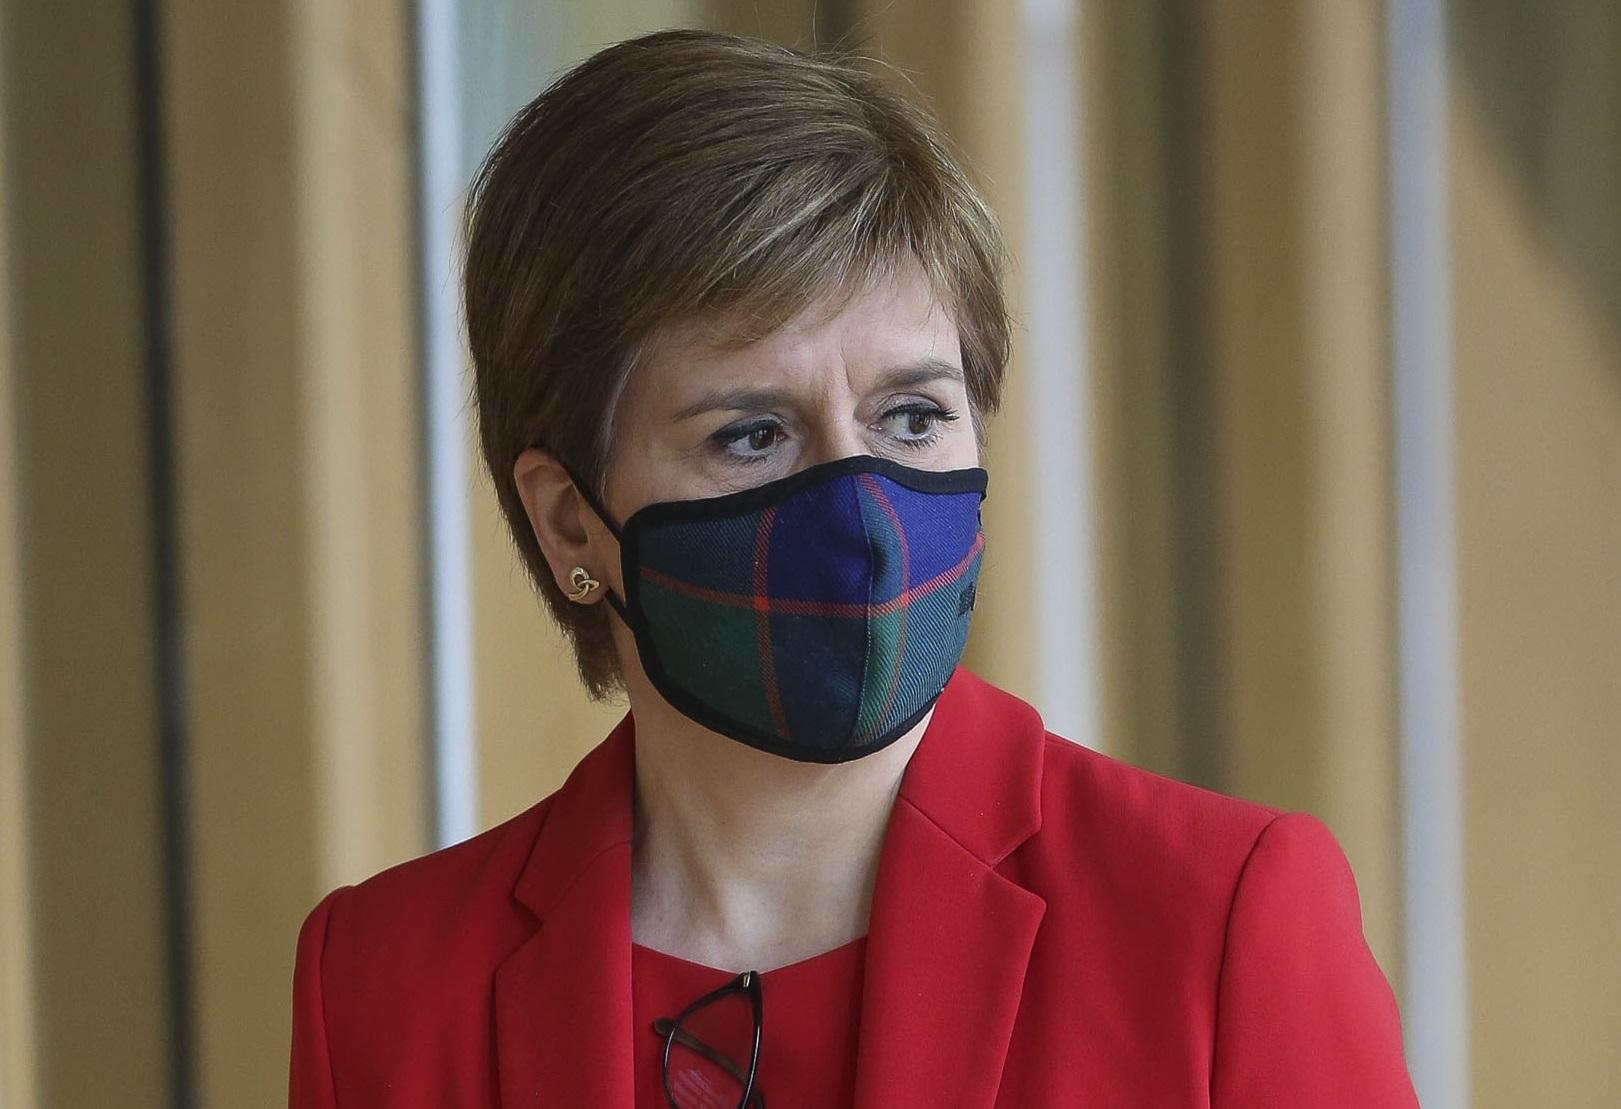 Covid Scotland: Nicola Sturgeon to give lockdown update